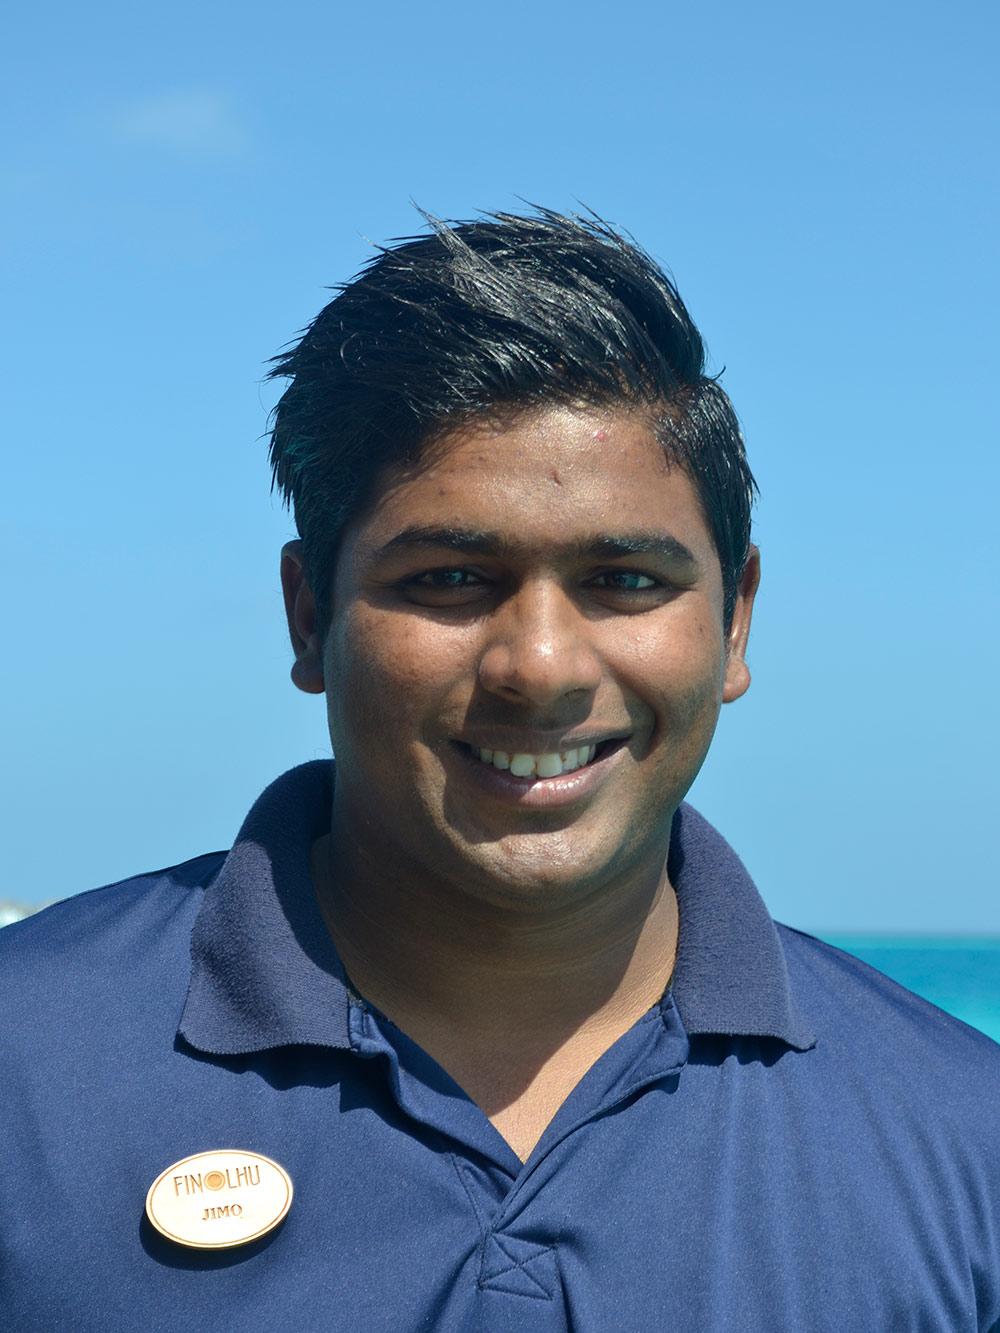 Dive Team Finolhu Maldives